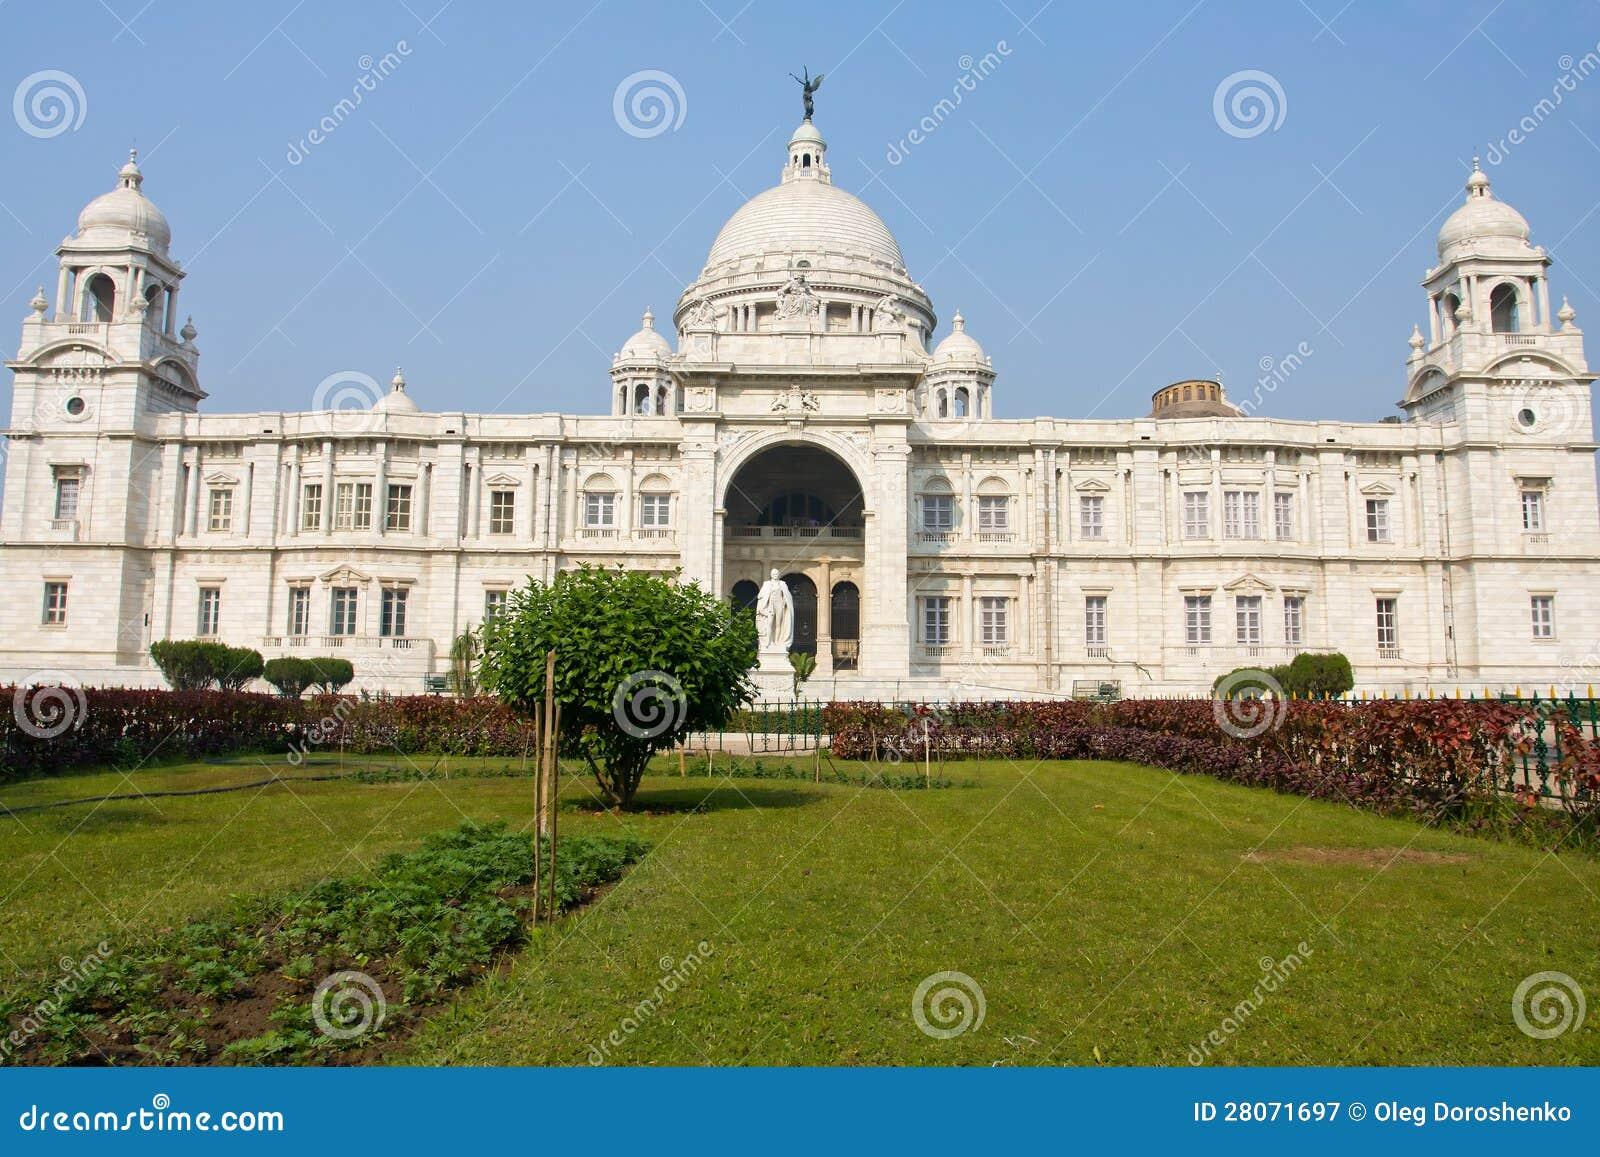 Victoria Memorial India Stock Image Image Of Exterior